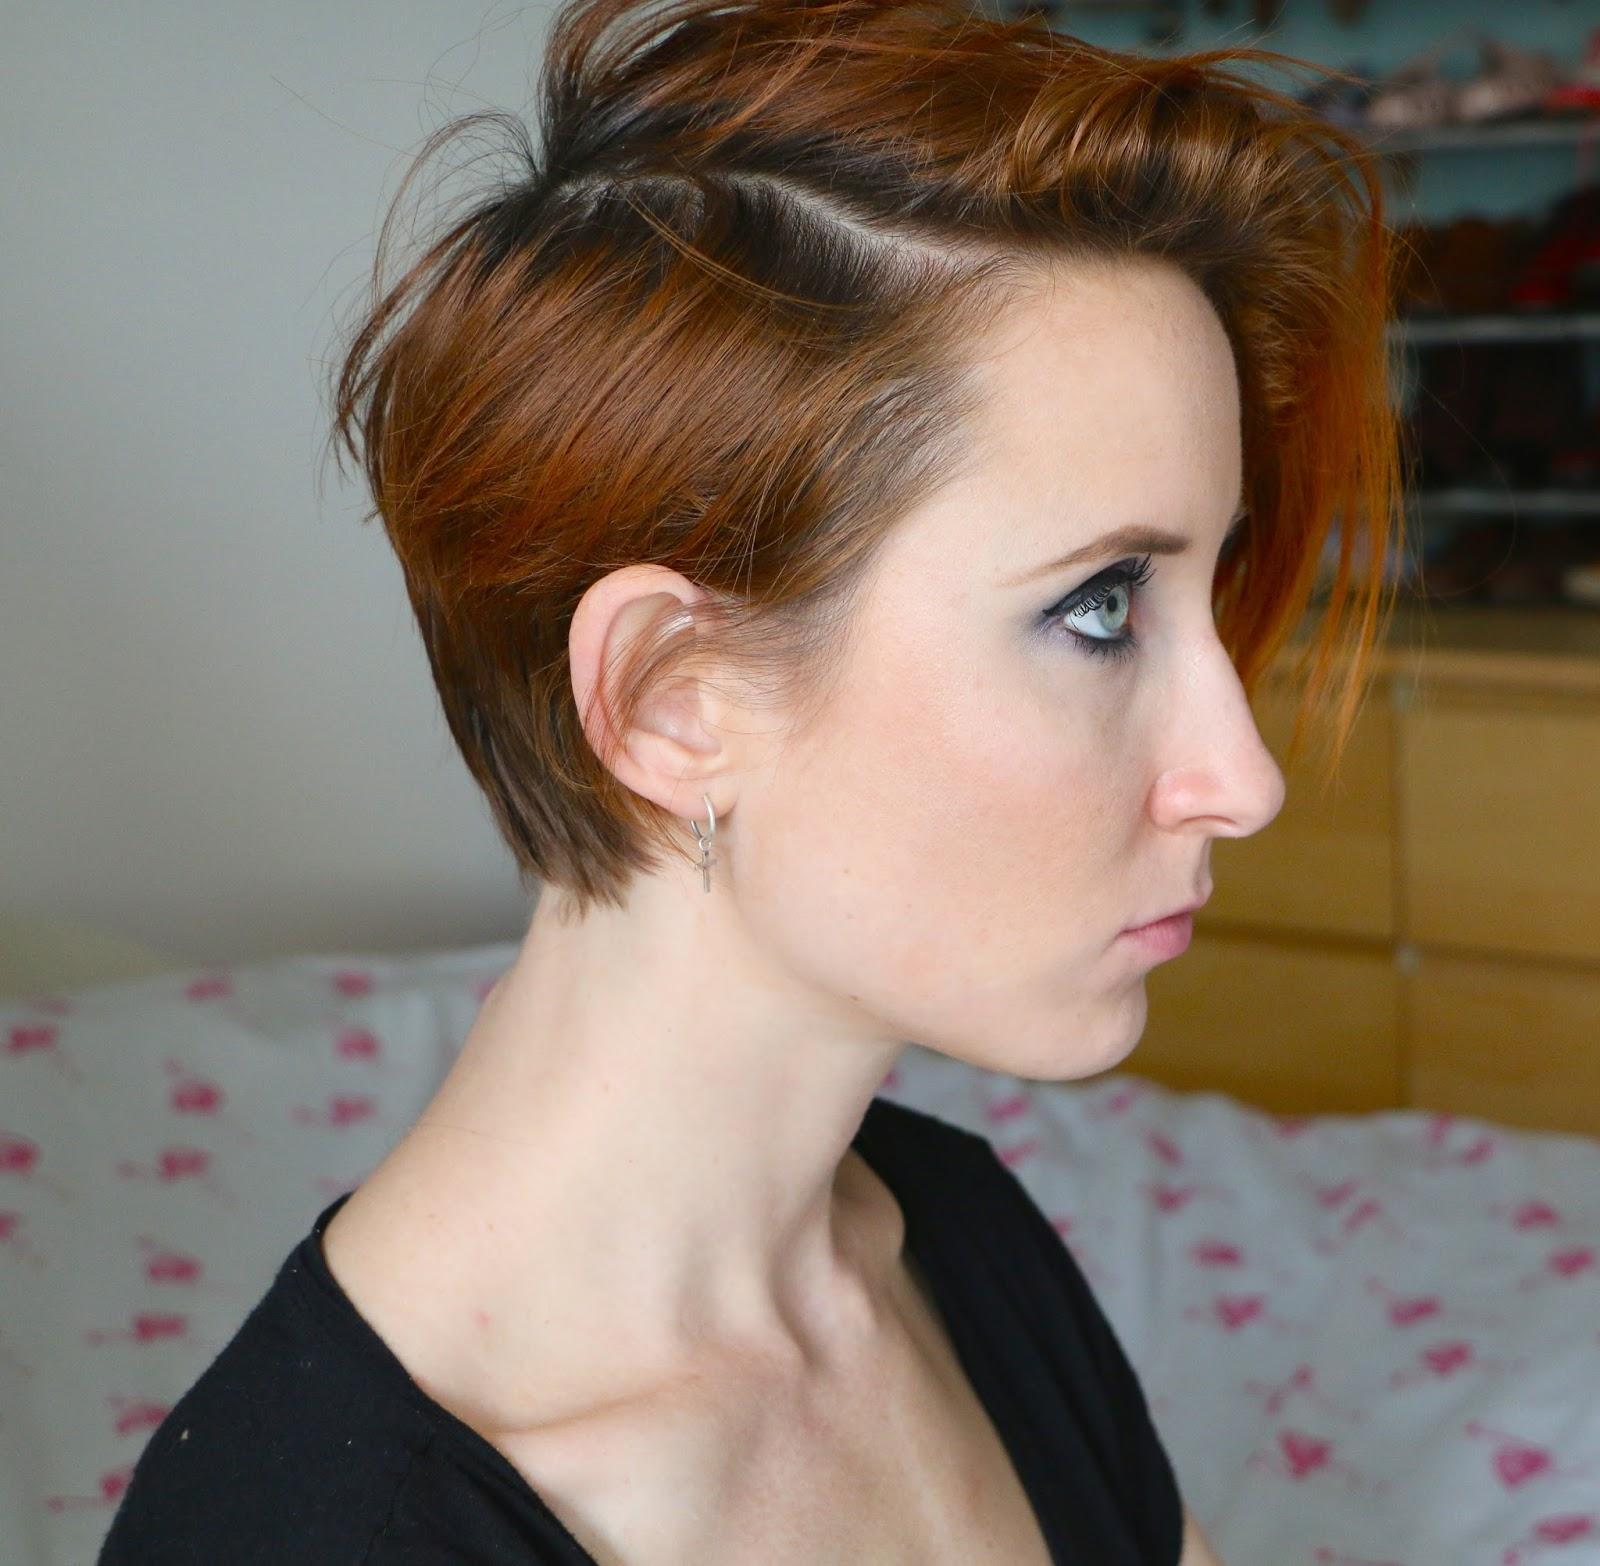 Coupe de cheveux garпїЅпїЅonne pour femme